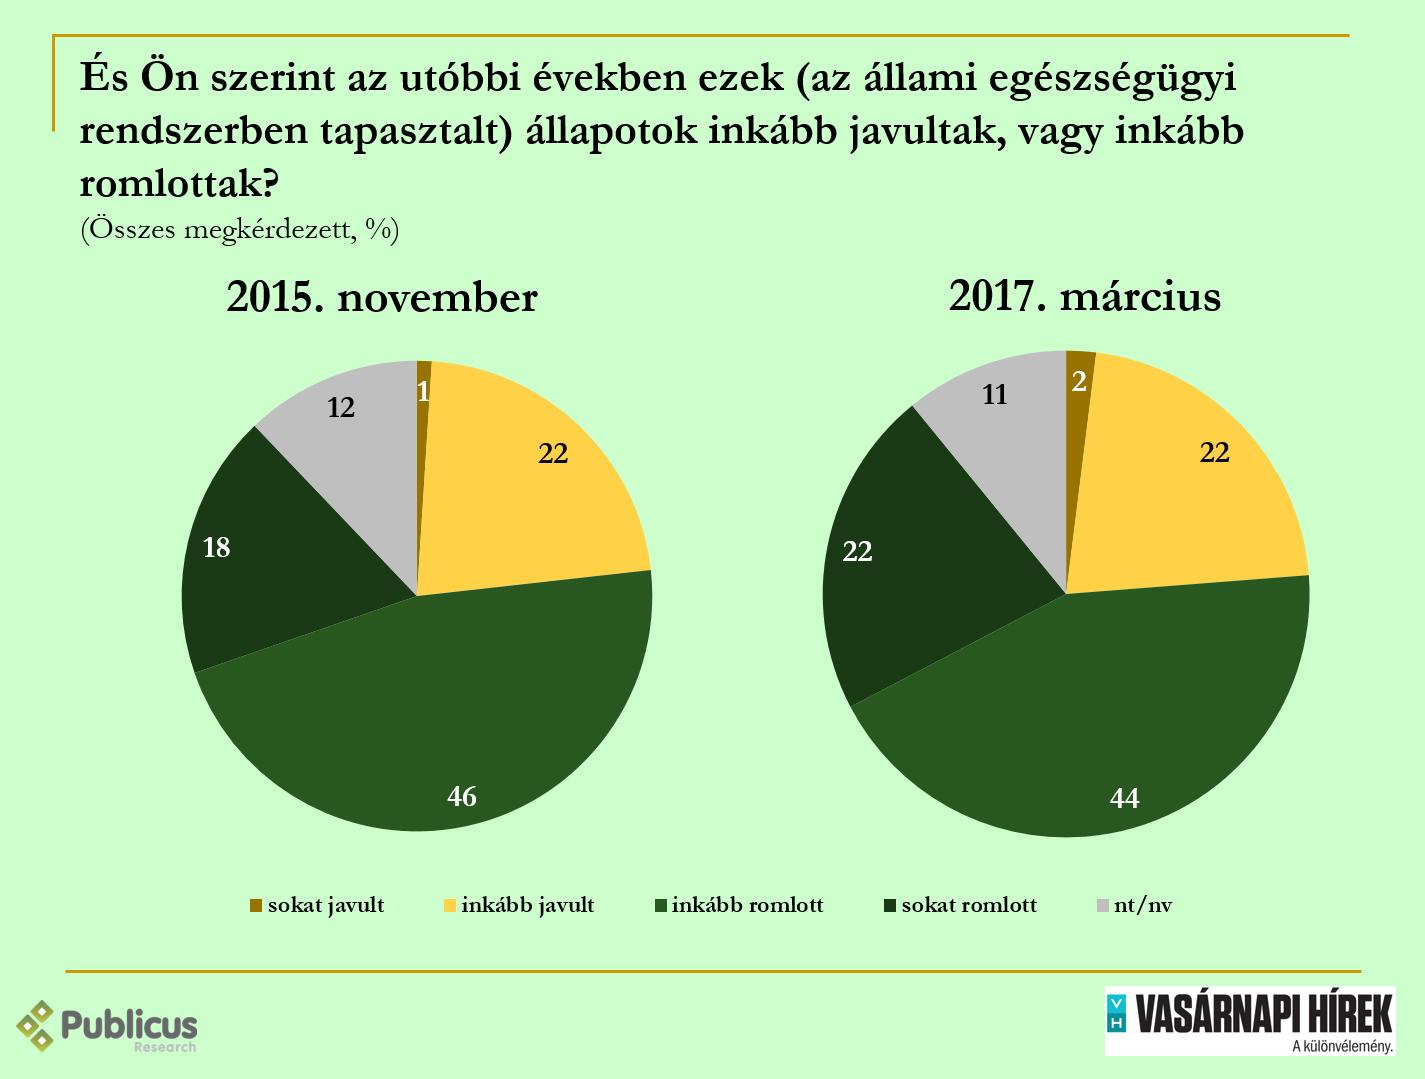 Az emberek szerint Orbán alatt romlott az egészségügy helyzete